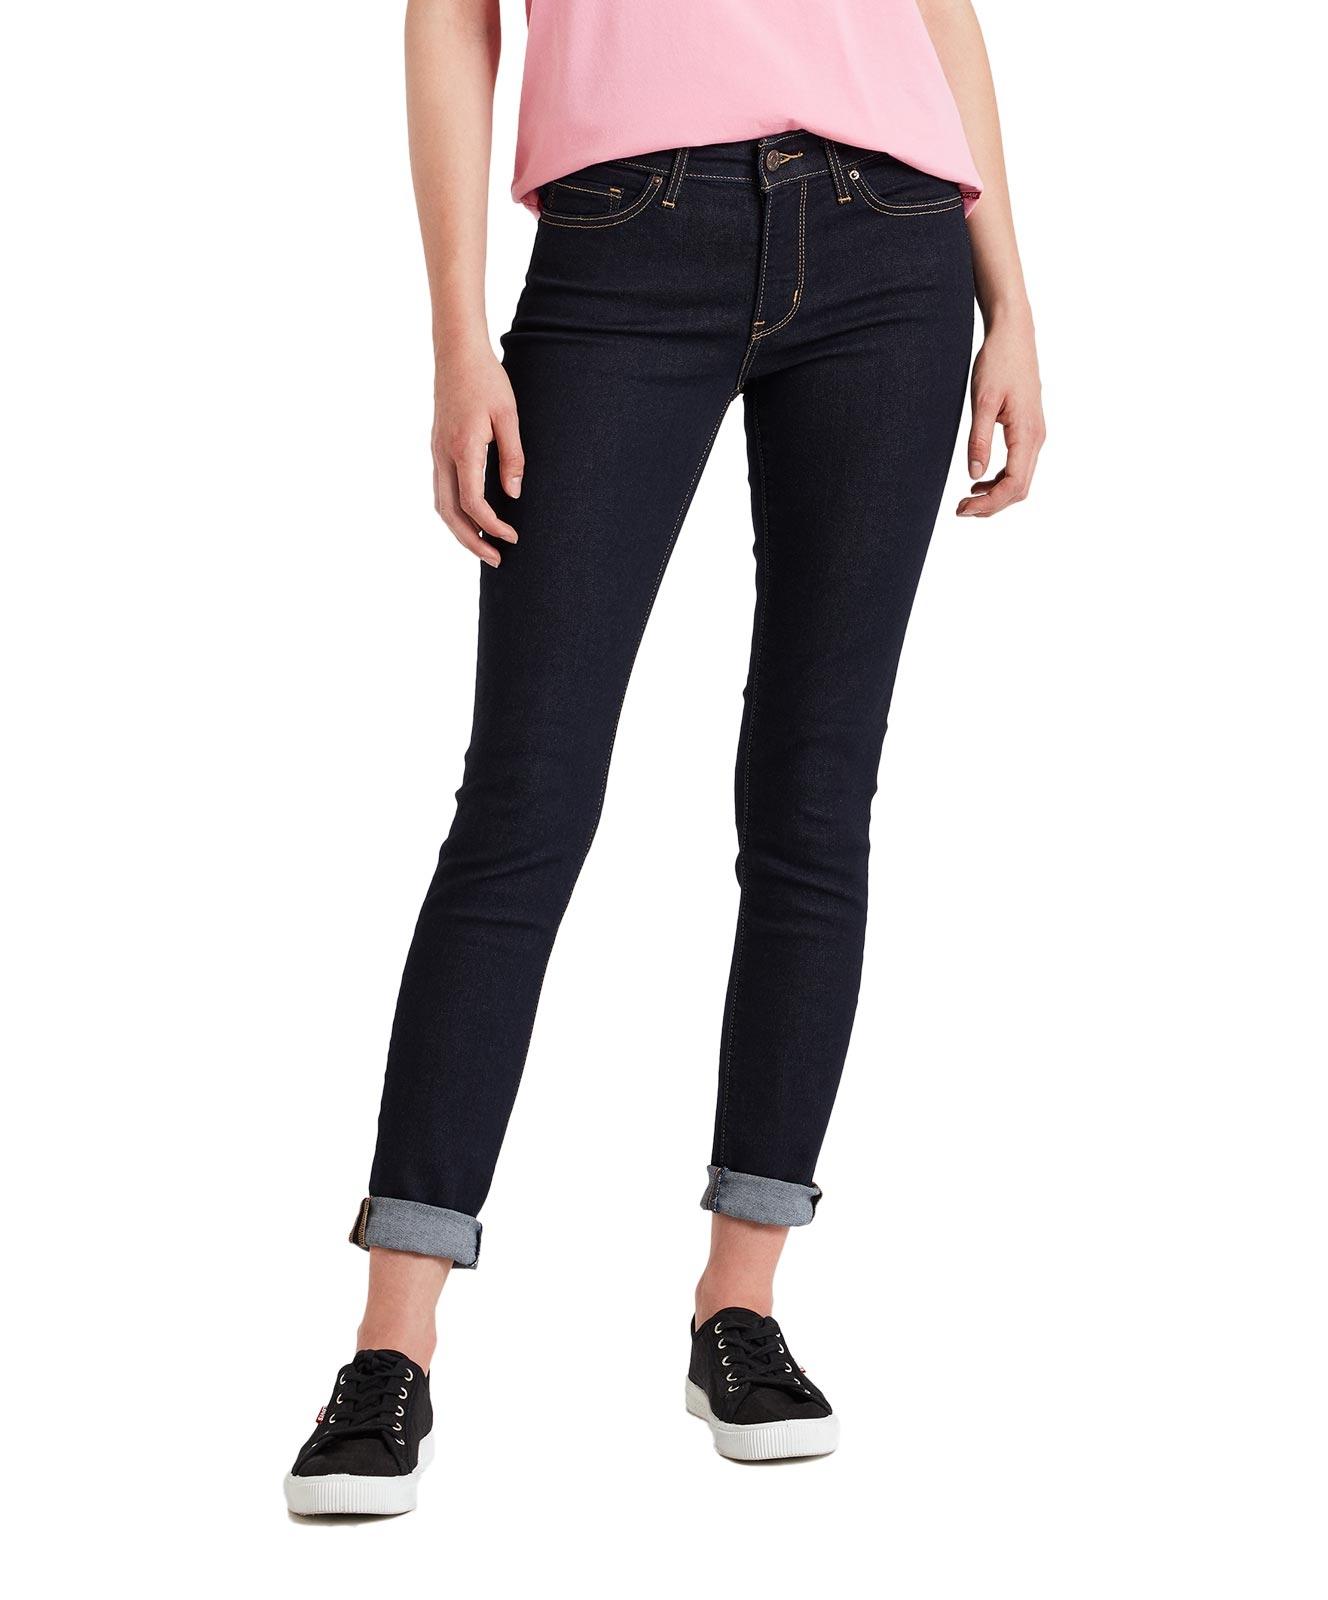 Hosen für Frauen - Levi's 711 Enge Jeans mit mittelhohem Bund in Rinsewash  - Onlineshop Jeans Meile